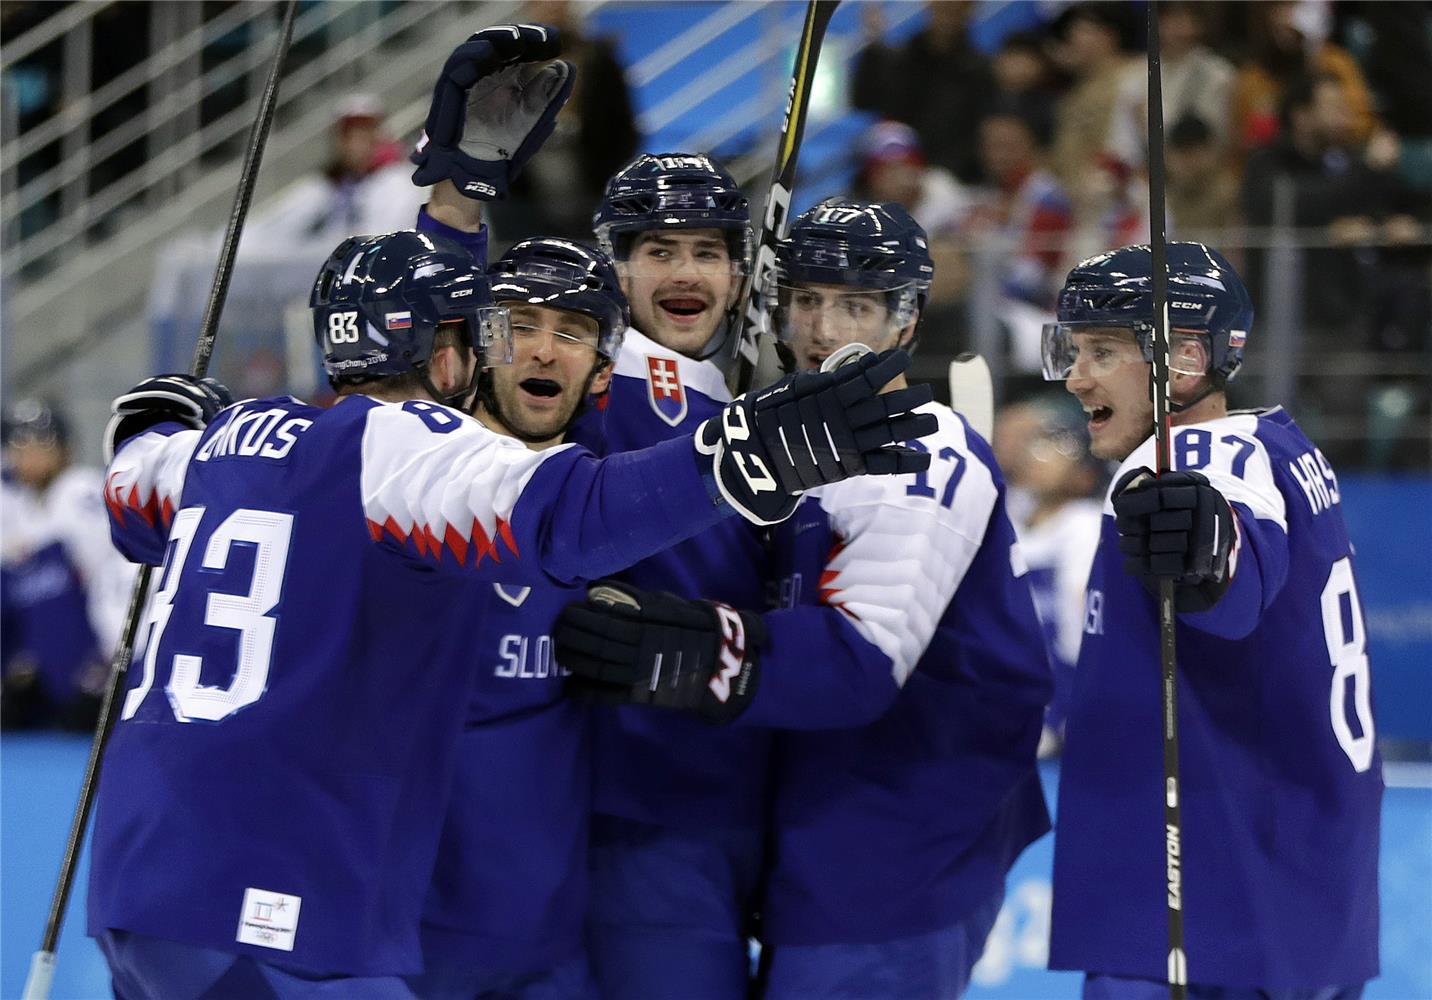 6fdb6e0688586 Slovensko v rebríčku IIHF na 10. mieste | HockeySlovakia.sk ...